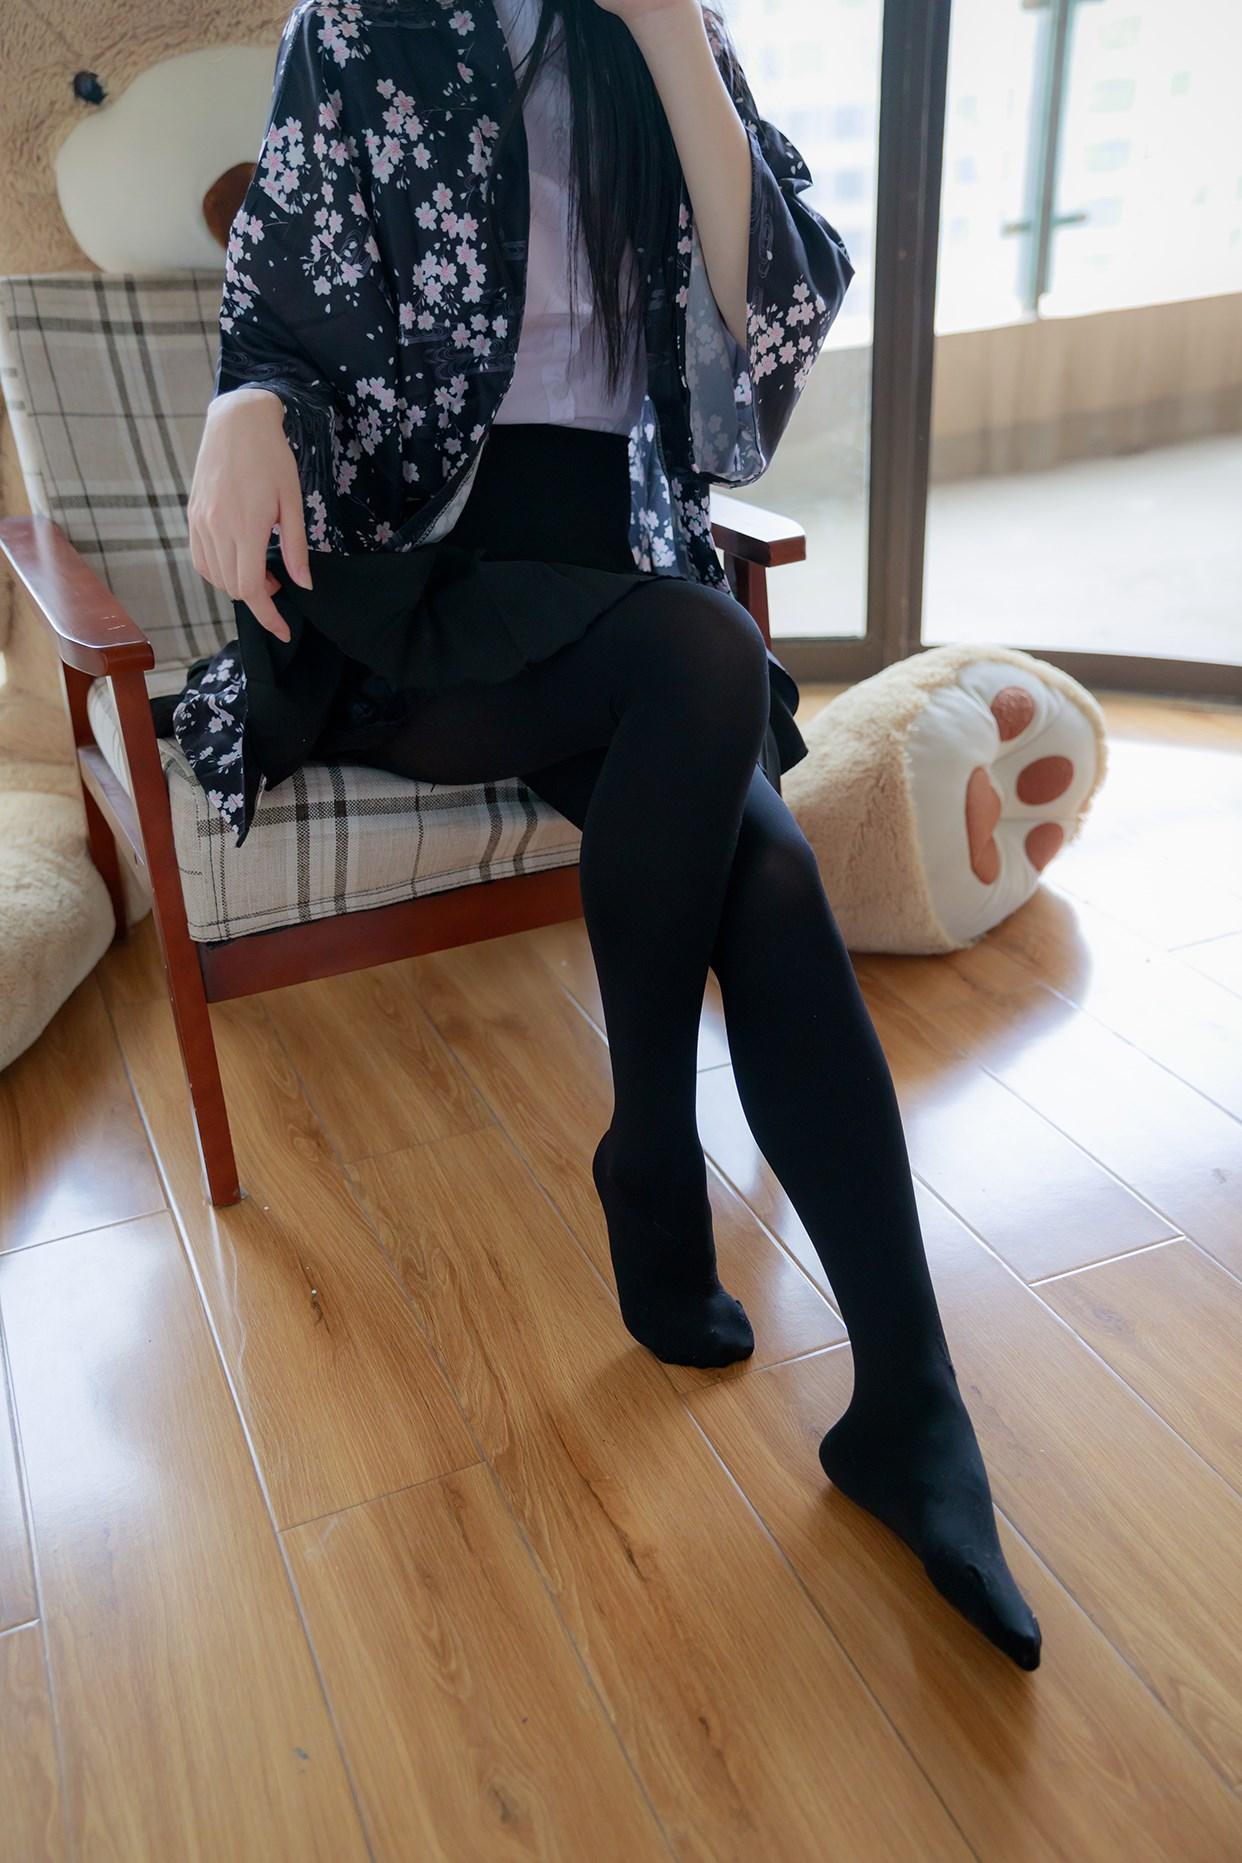 【兔玩映画】椅上的黑丝少女 兔玩映画 第10张